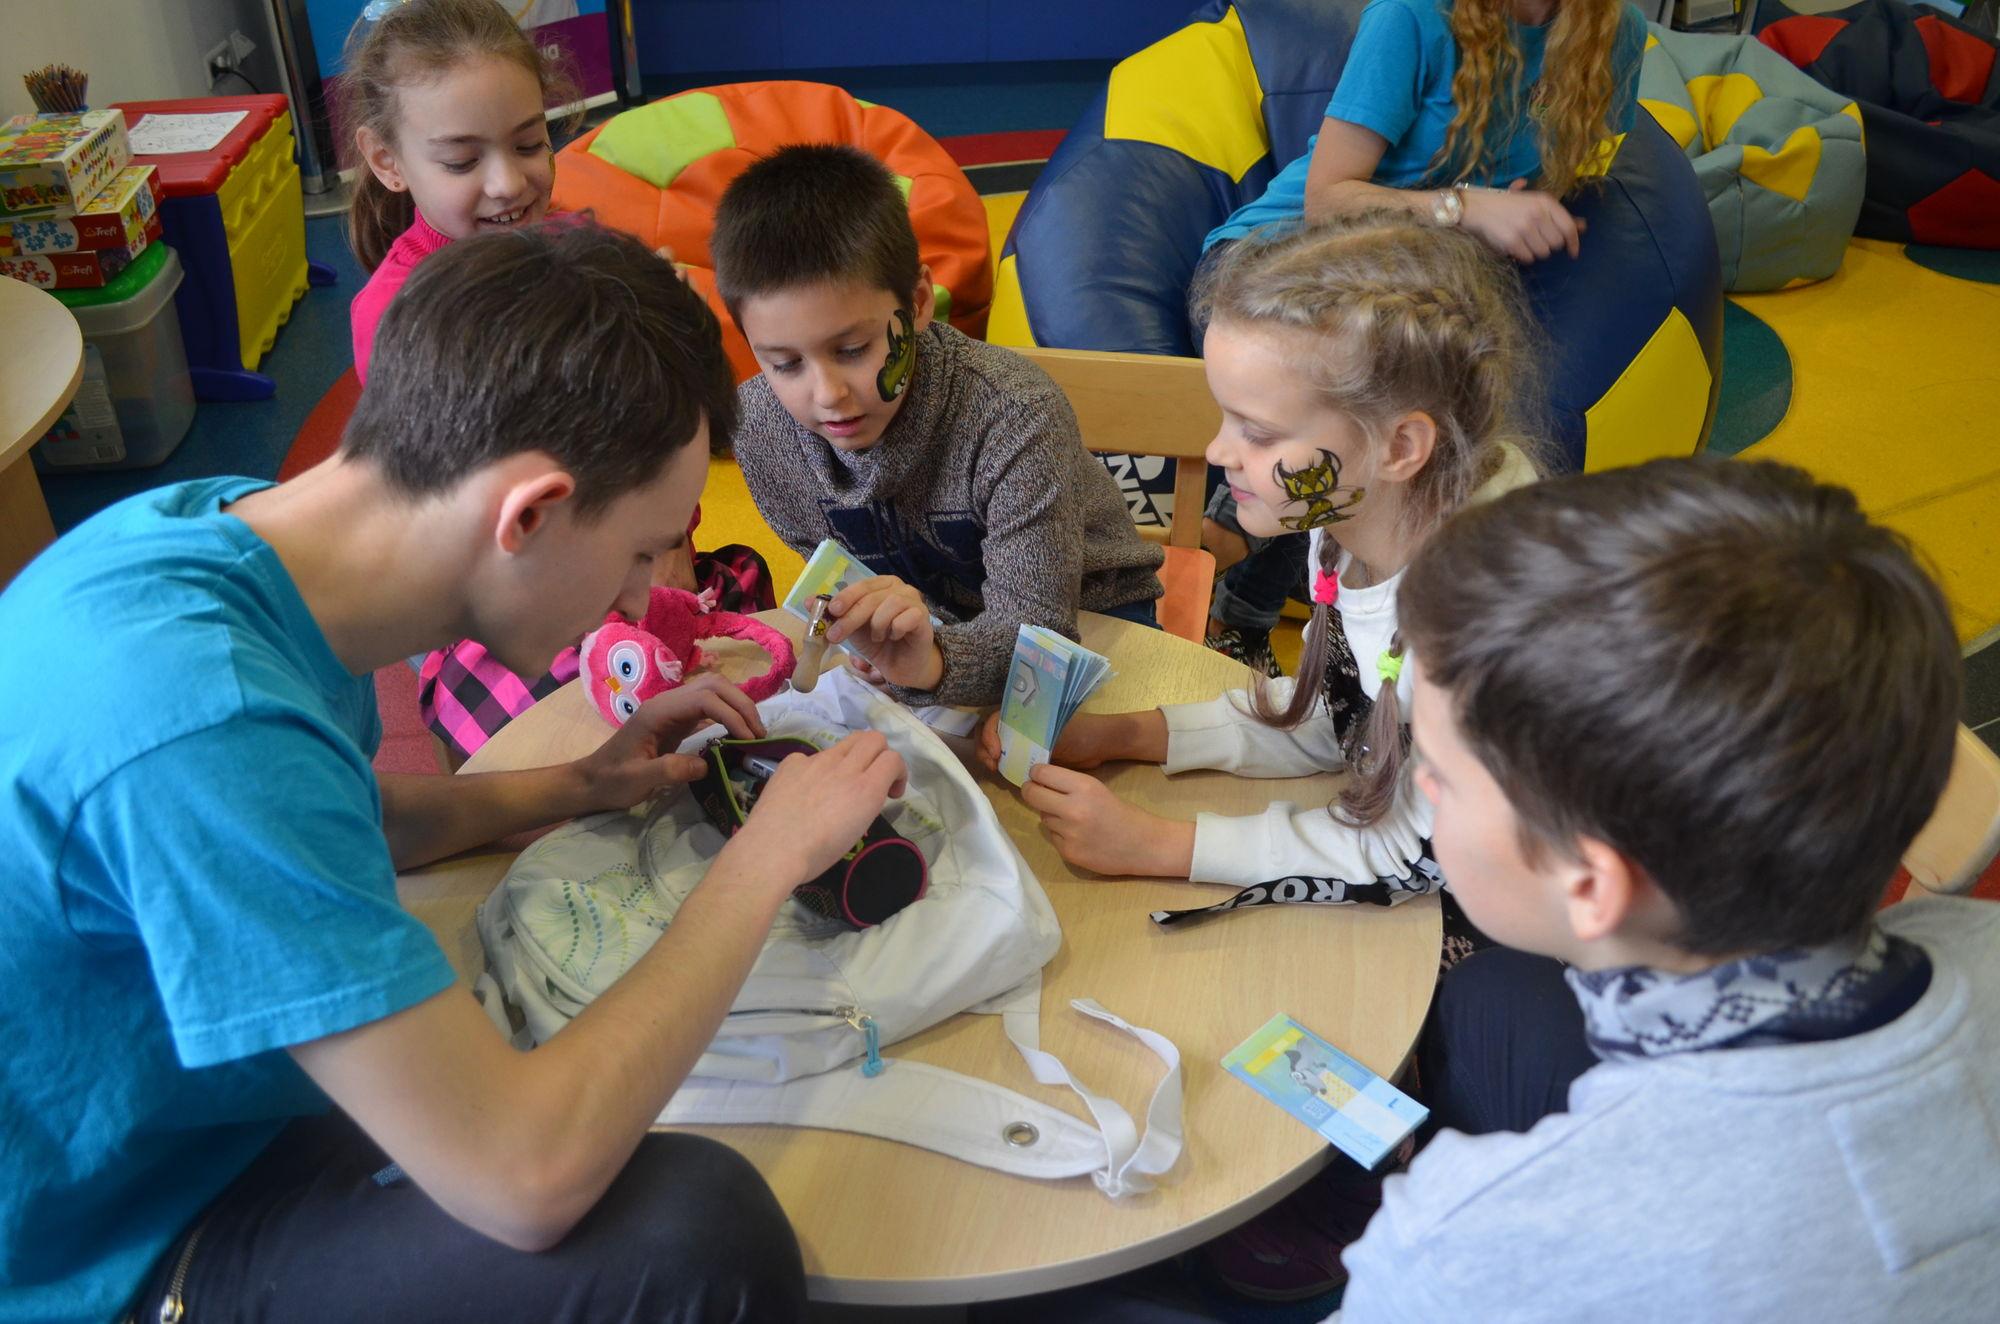 Як проходив дитячий майстер-клас  «Школа детективів» - офіційний представник Winner в Україні